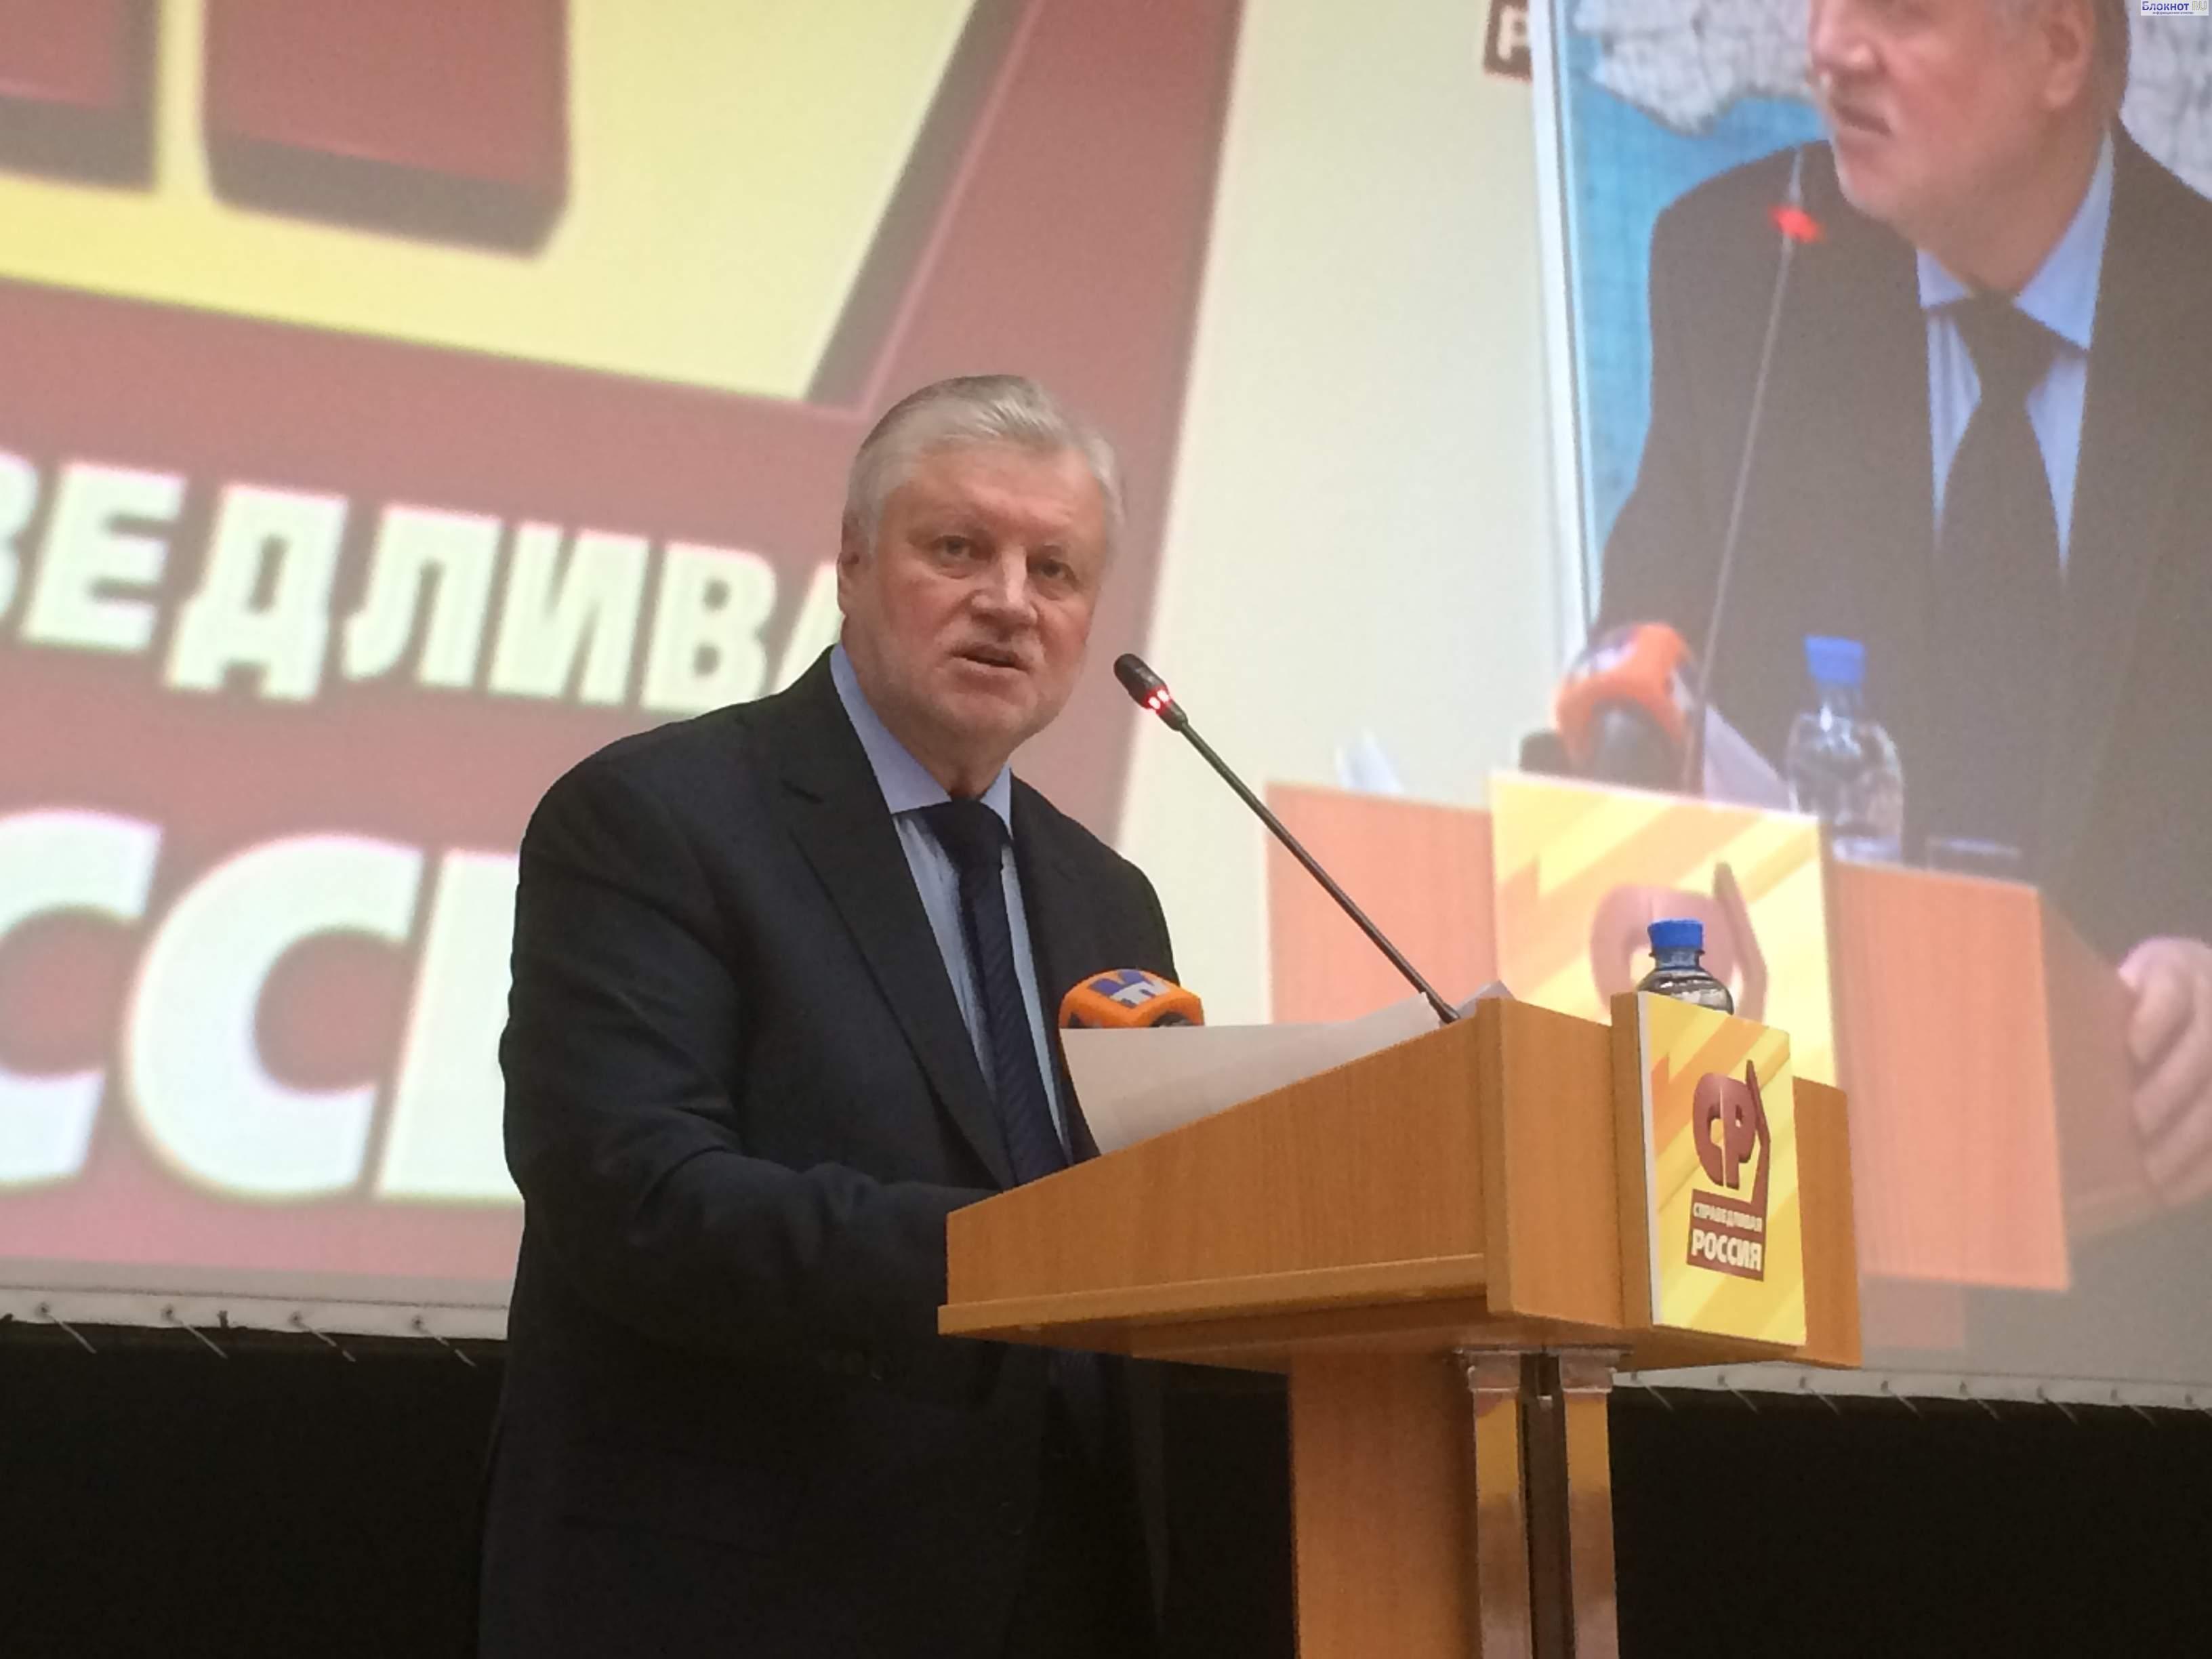 Уважение к Конституции и парламентаризм – главные факторы социальной стабильности, считает Миронов